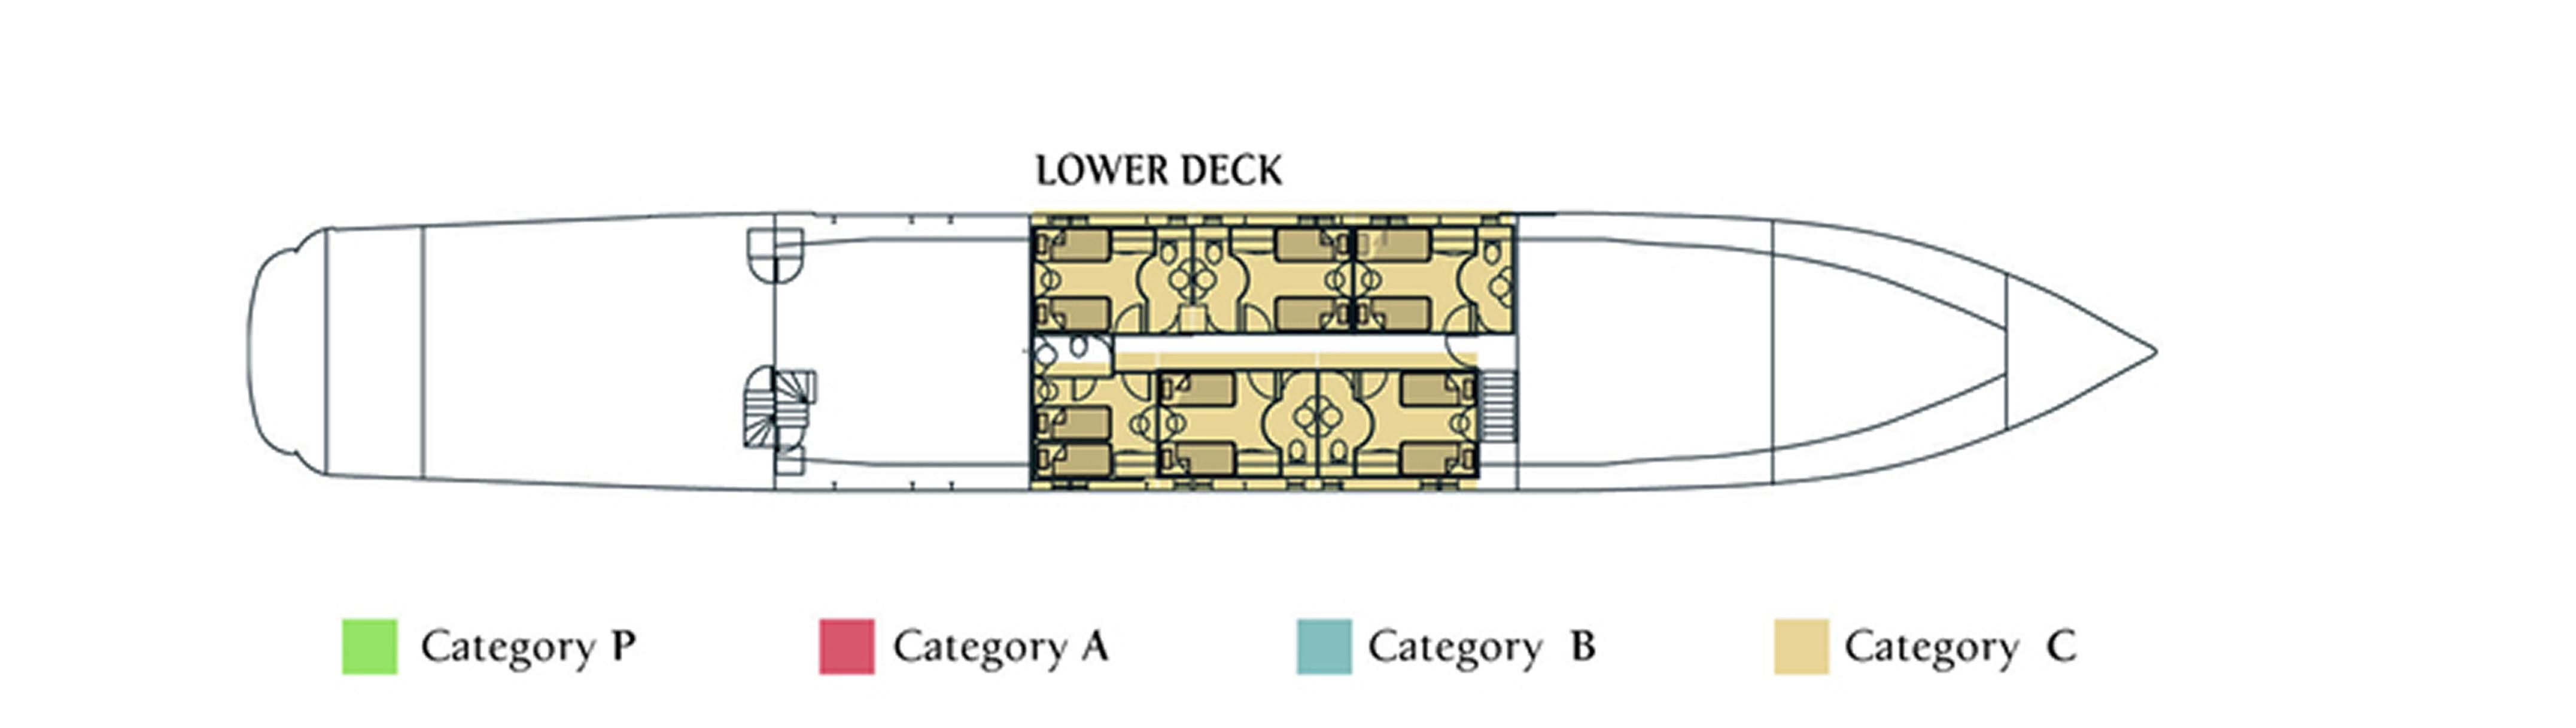 M/Y Harmony G, Lower Deck